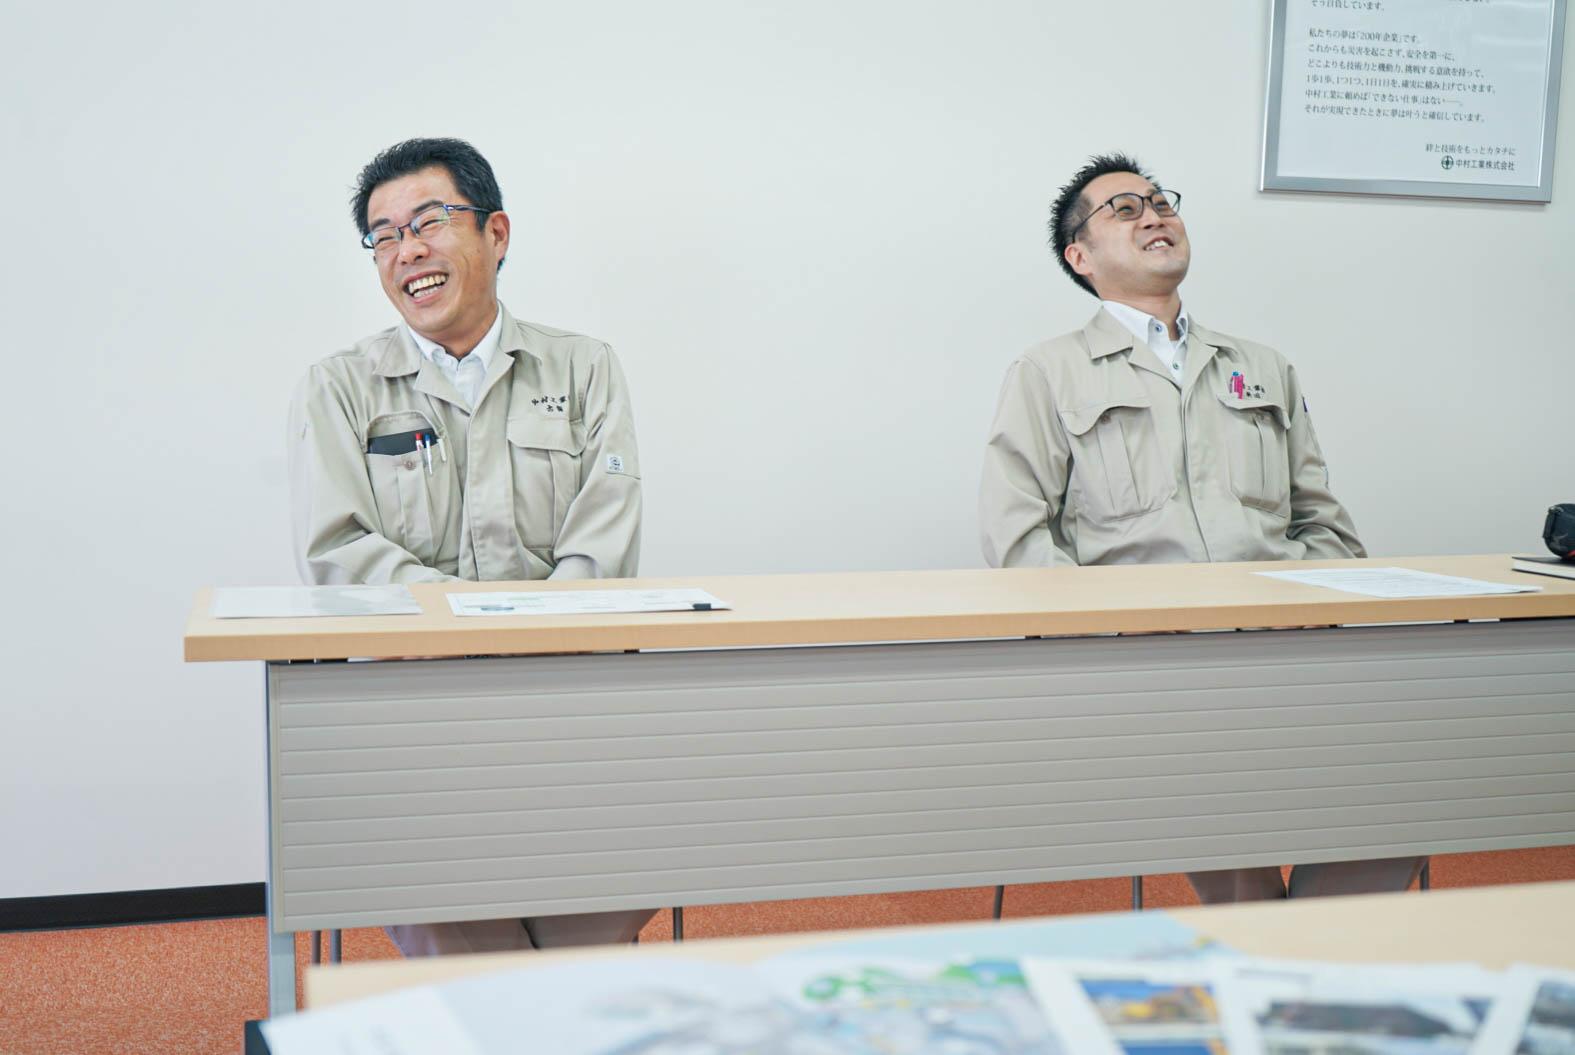 中村工業株式会社 8